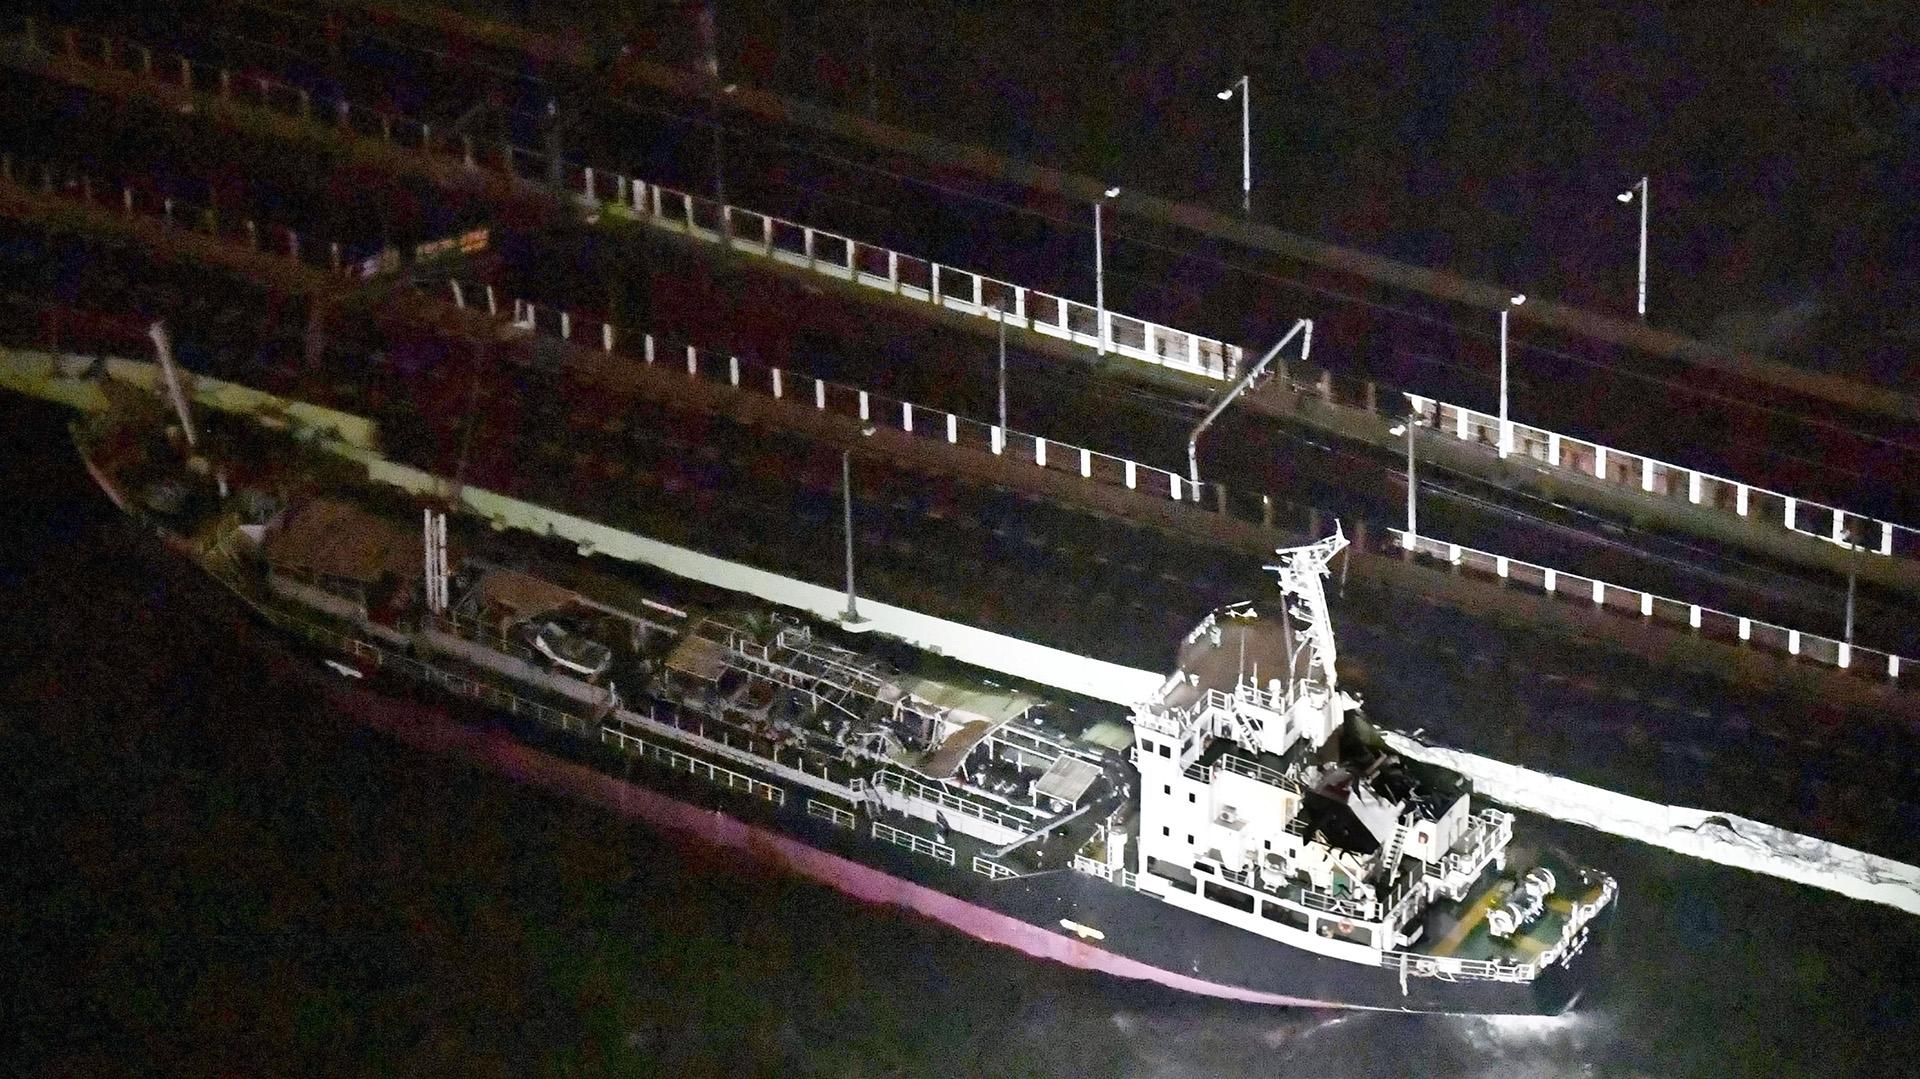 El choque del buque de 2.600 toneladas contra el puente del aeropuerto de Kansai(Reuters)